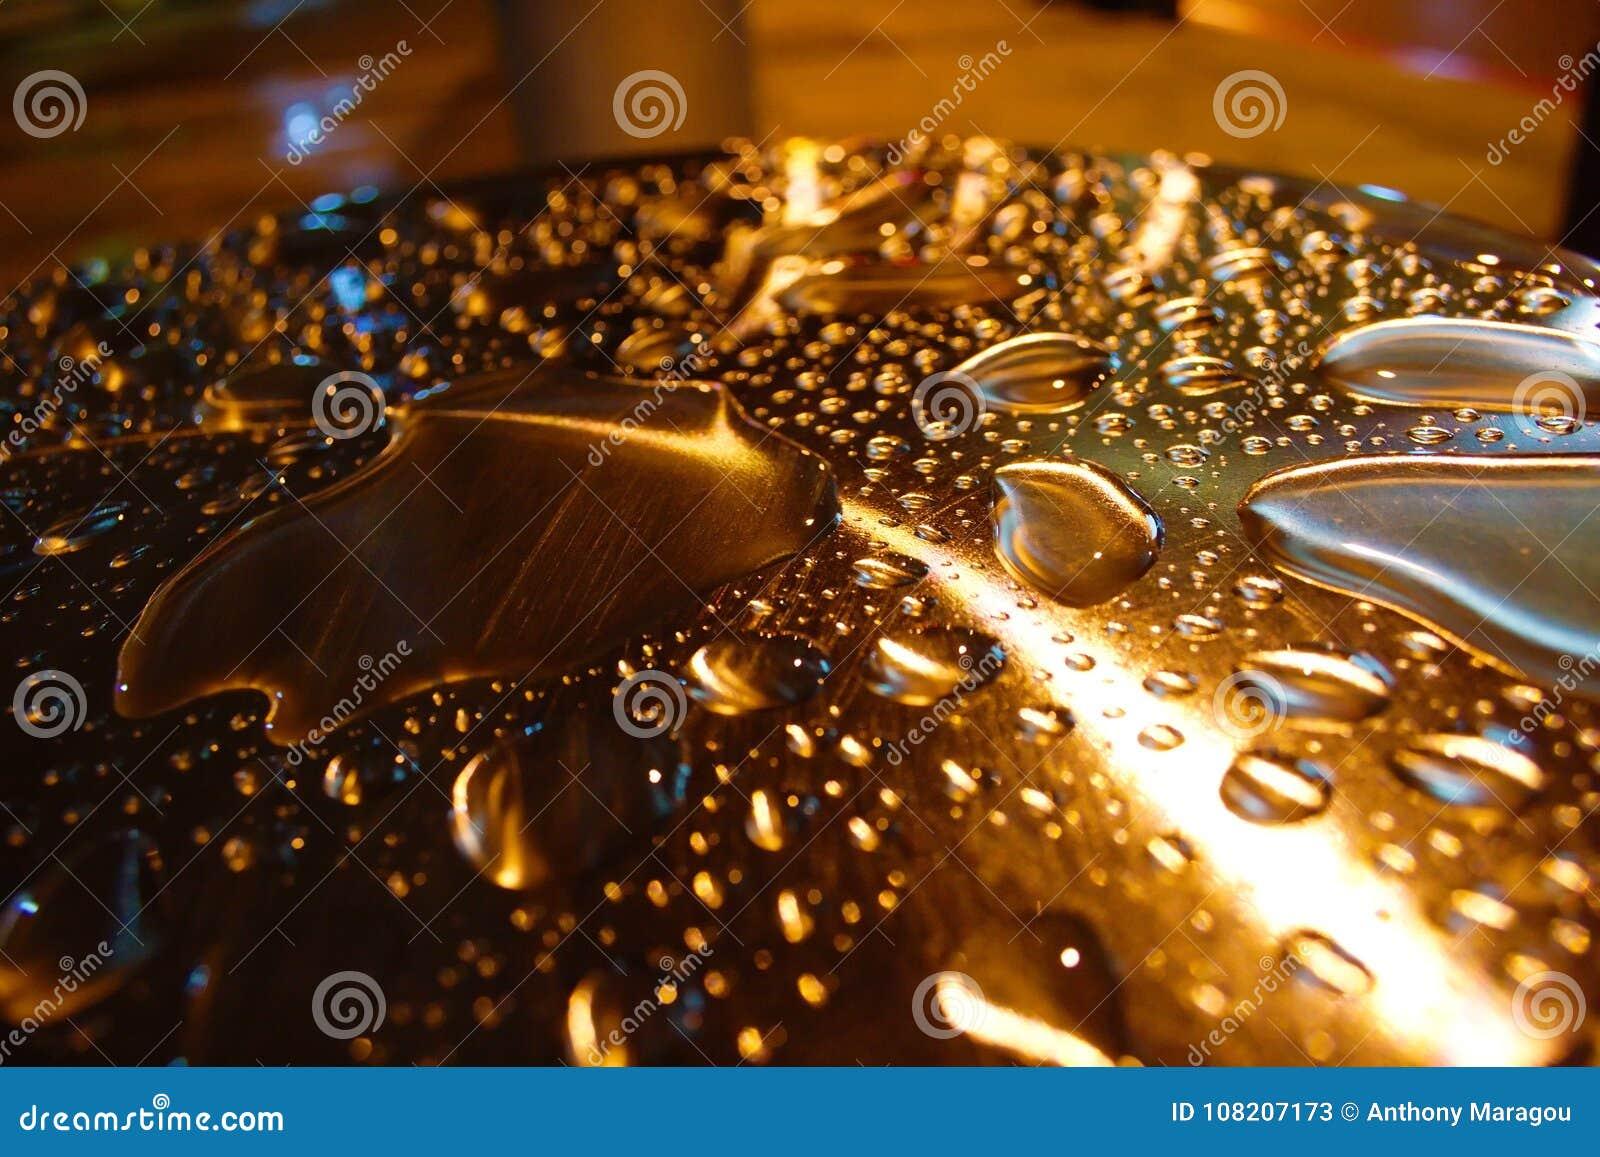 Πτώσεις νερού που φωτίζονται στο στυλοβάτη μετάλλων